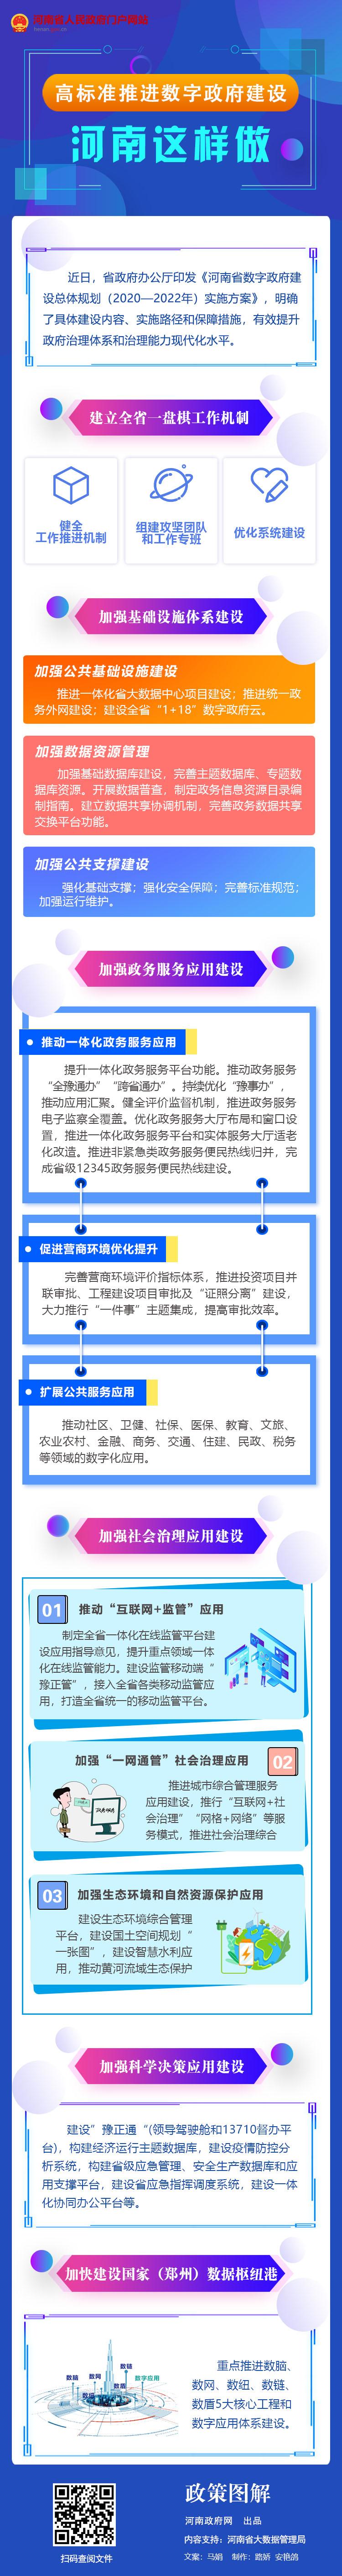 图解:高标准推进数字政府建设 河南这样做!